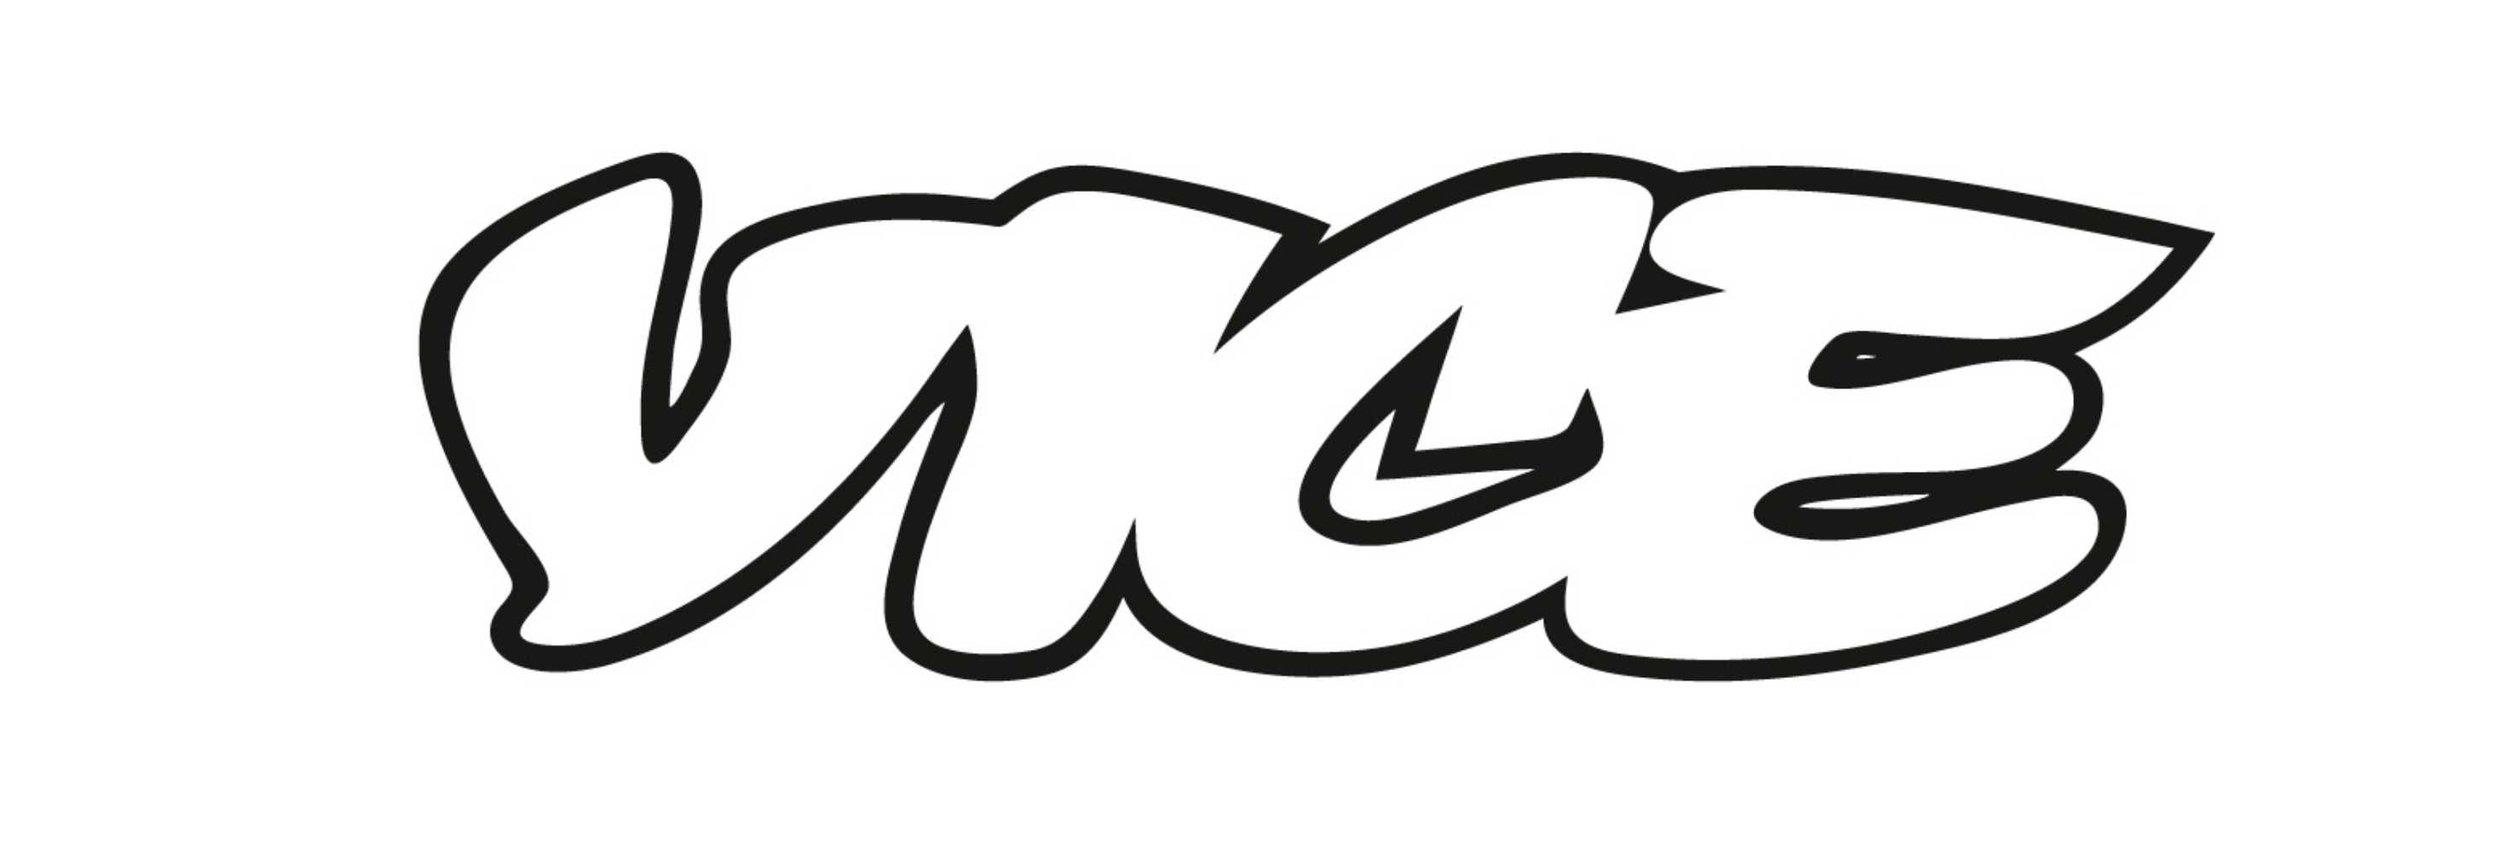 vice-logo-1.jpg